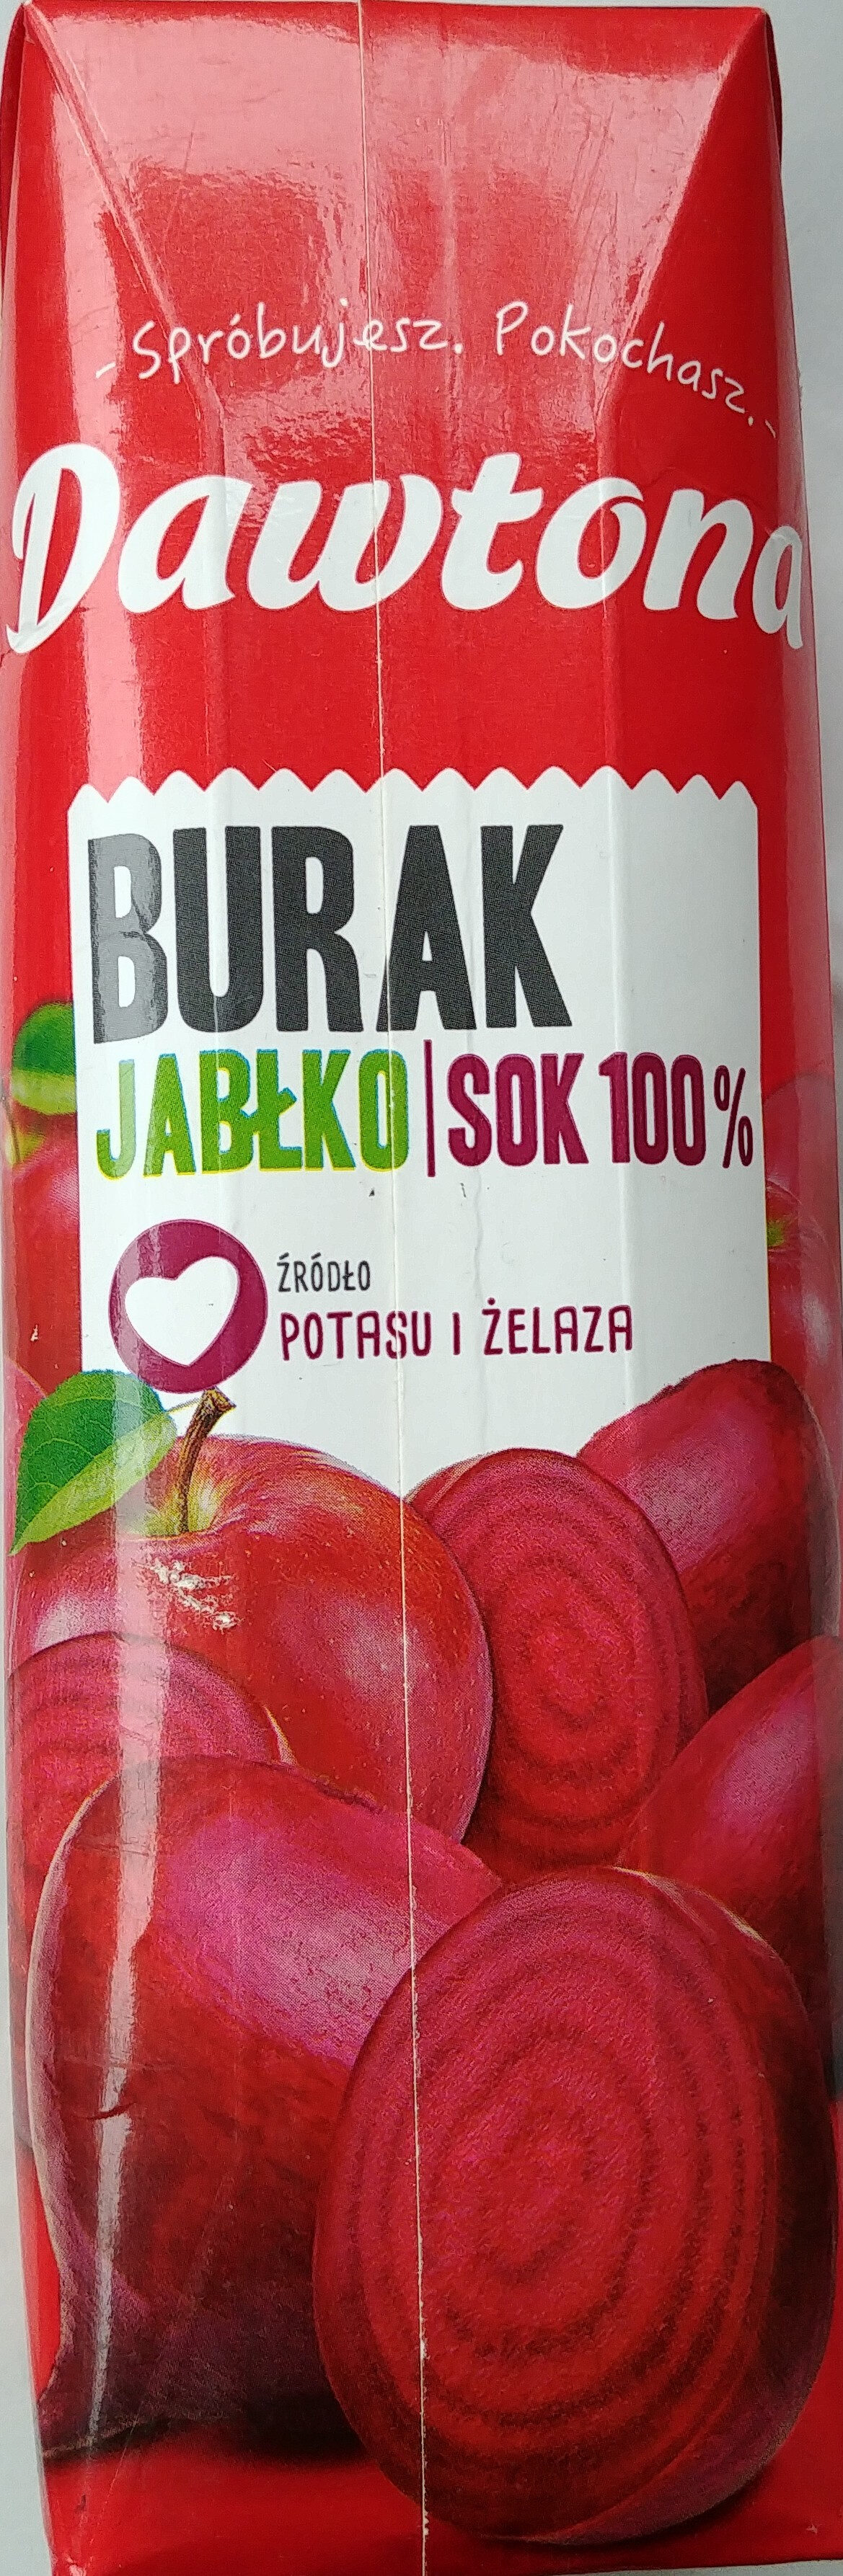 Sok z buraków z jabłkiem - Product - pl